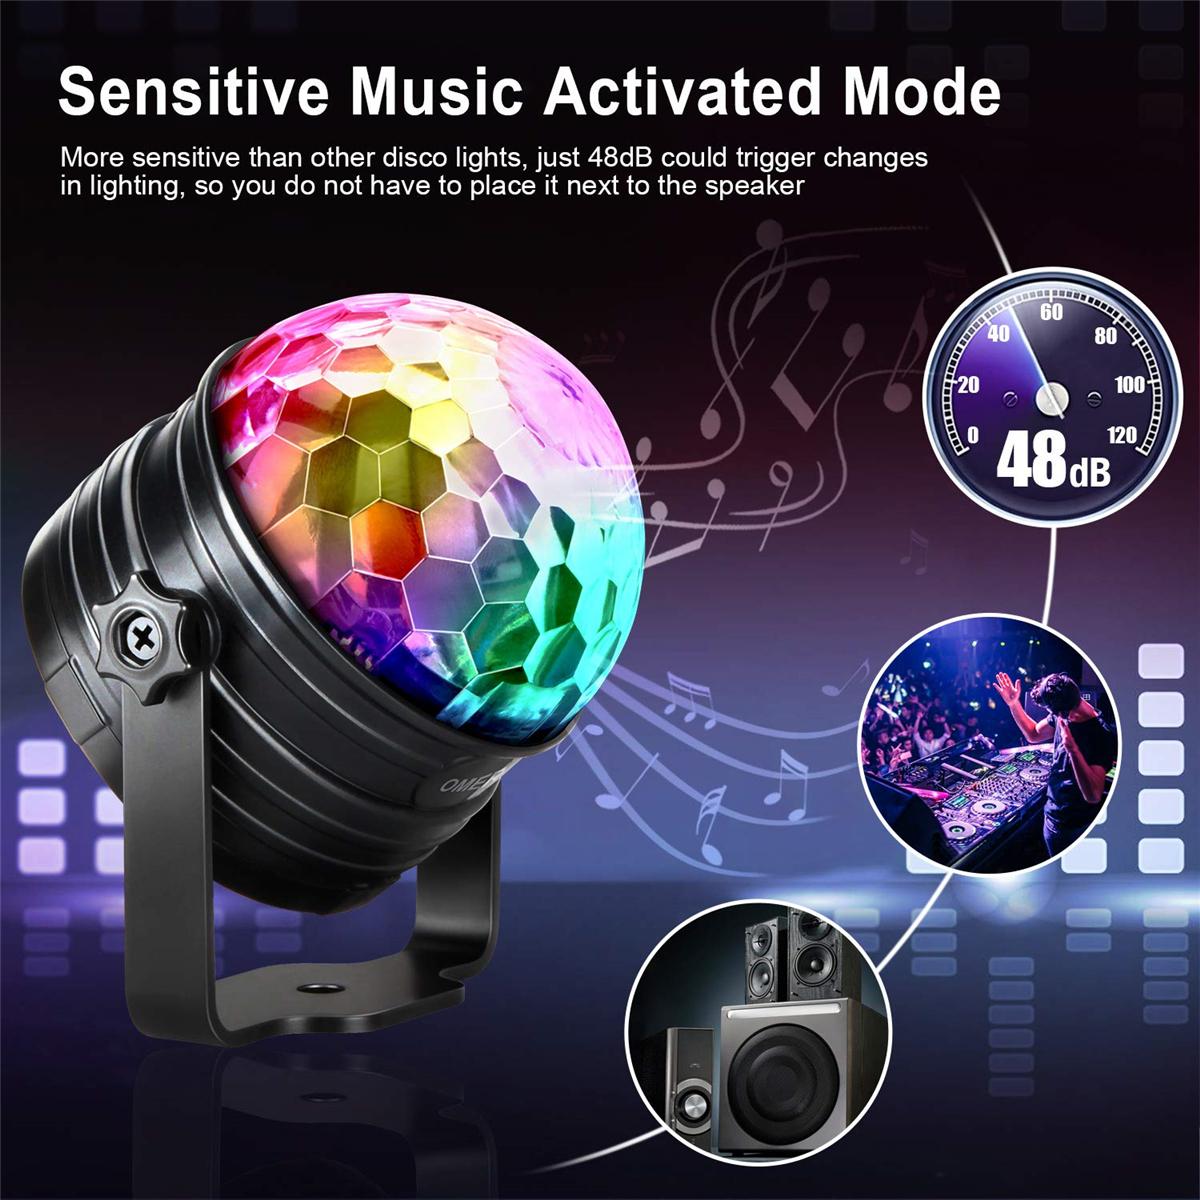 2er Partylicht 7 Farben Modi Musikgesteuert Bühnenbeleuchtung Fernbedienung EU